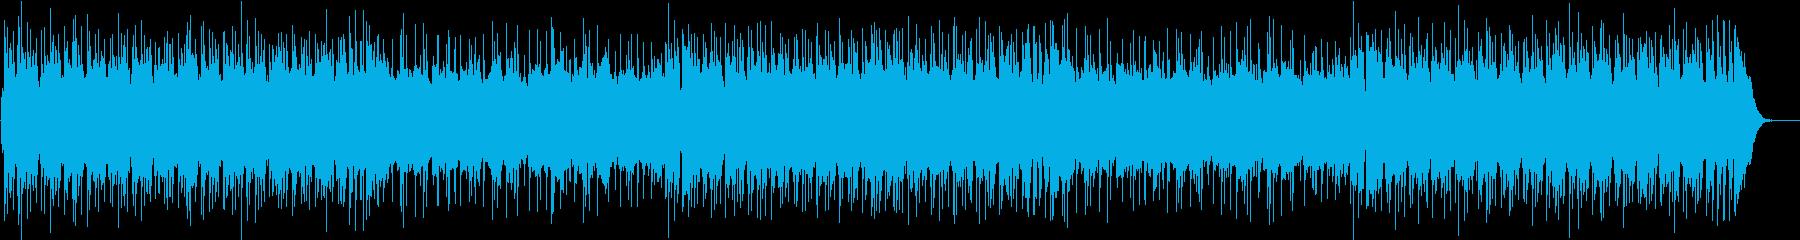 ギターロックな疾走感あるBGMの再生済みの波形